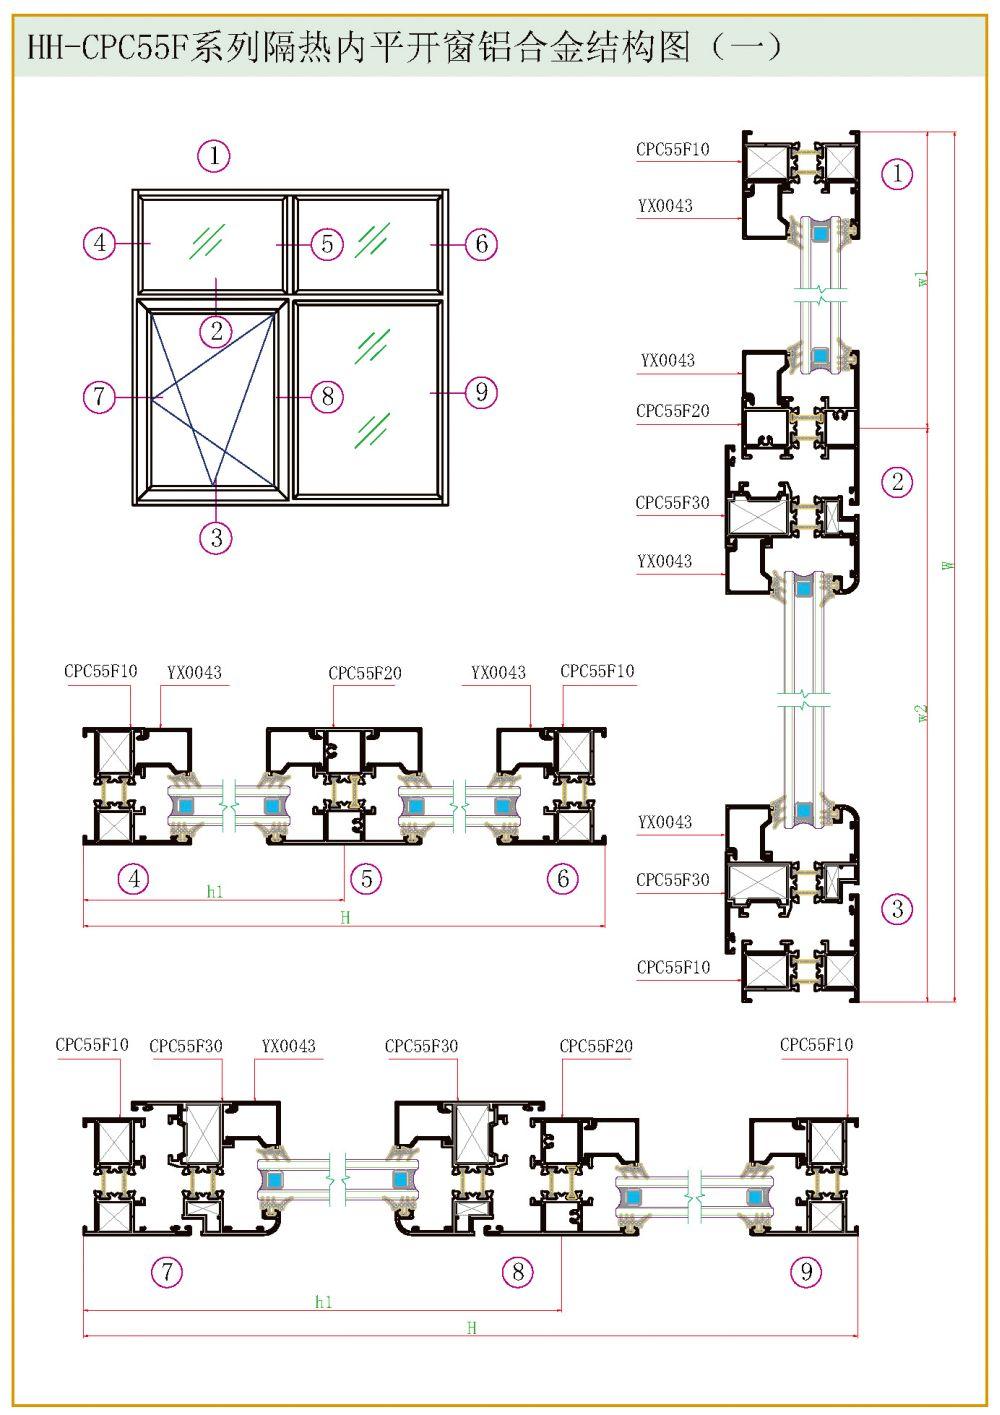 结构图-hh-cpc55f系列隔热平开窗-河南省海皇新材料